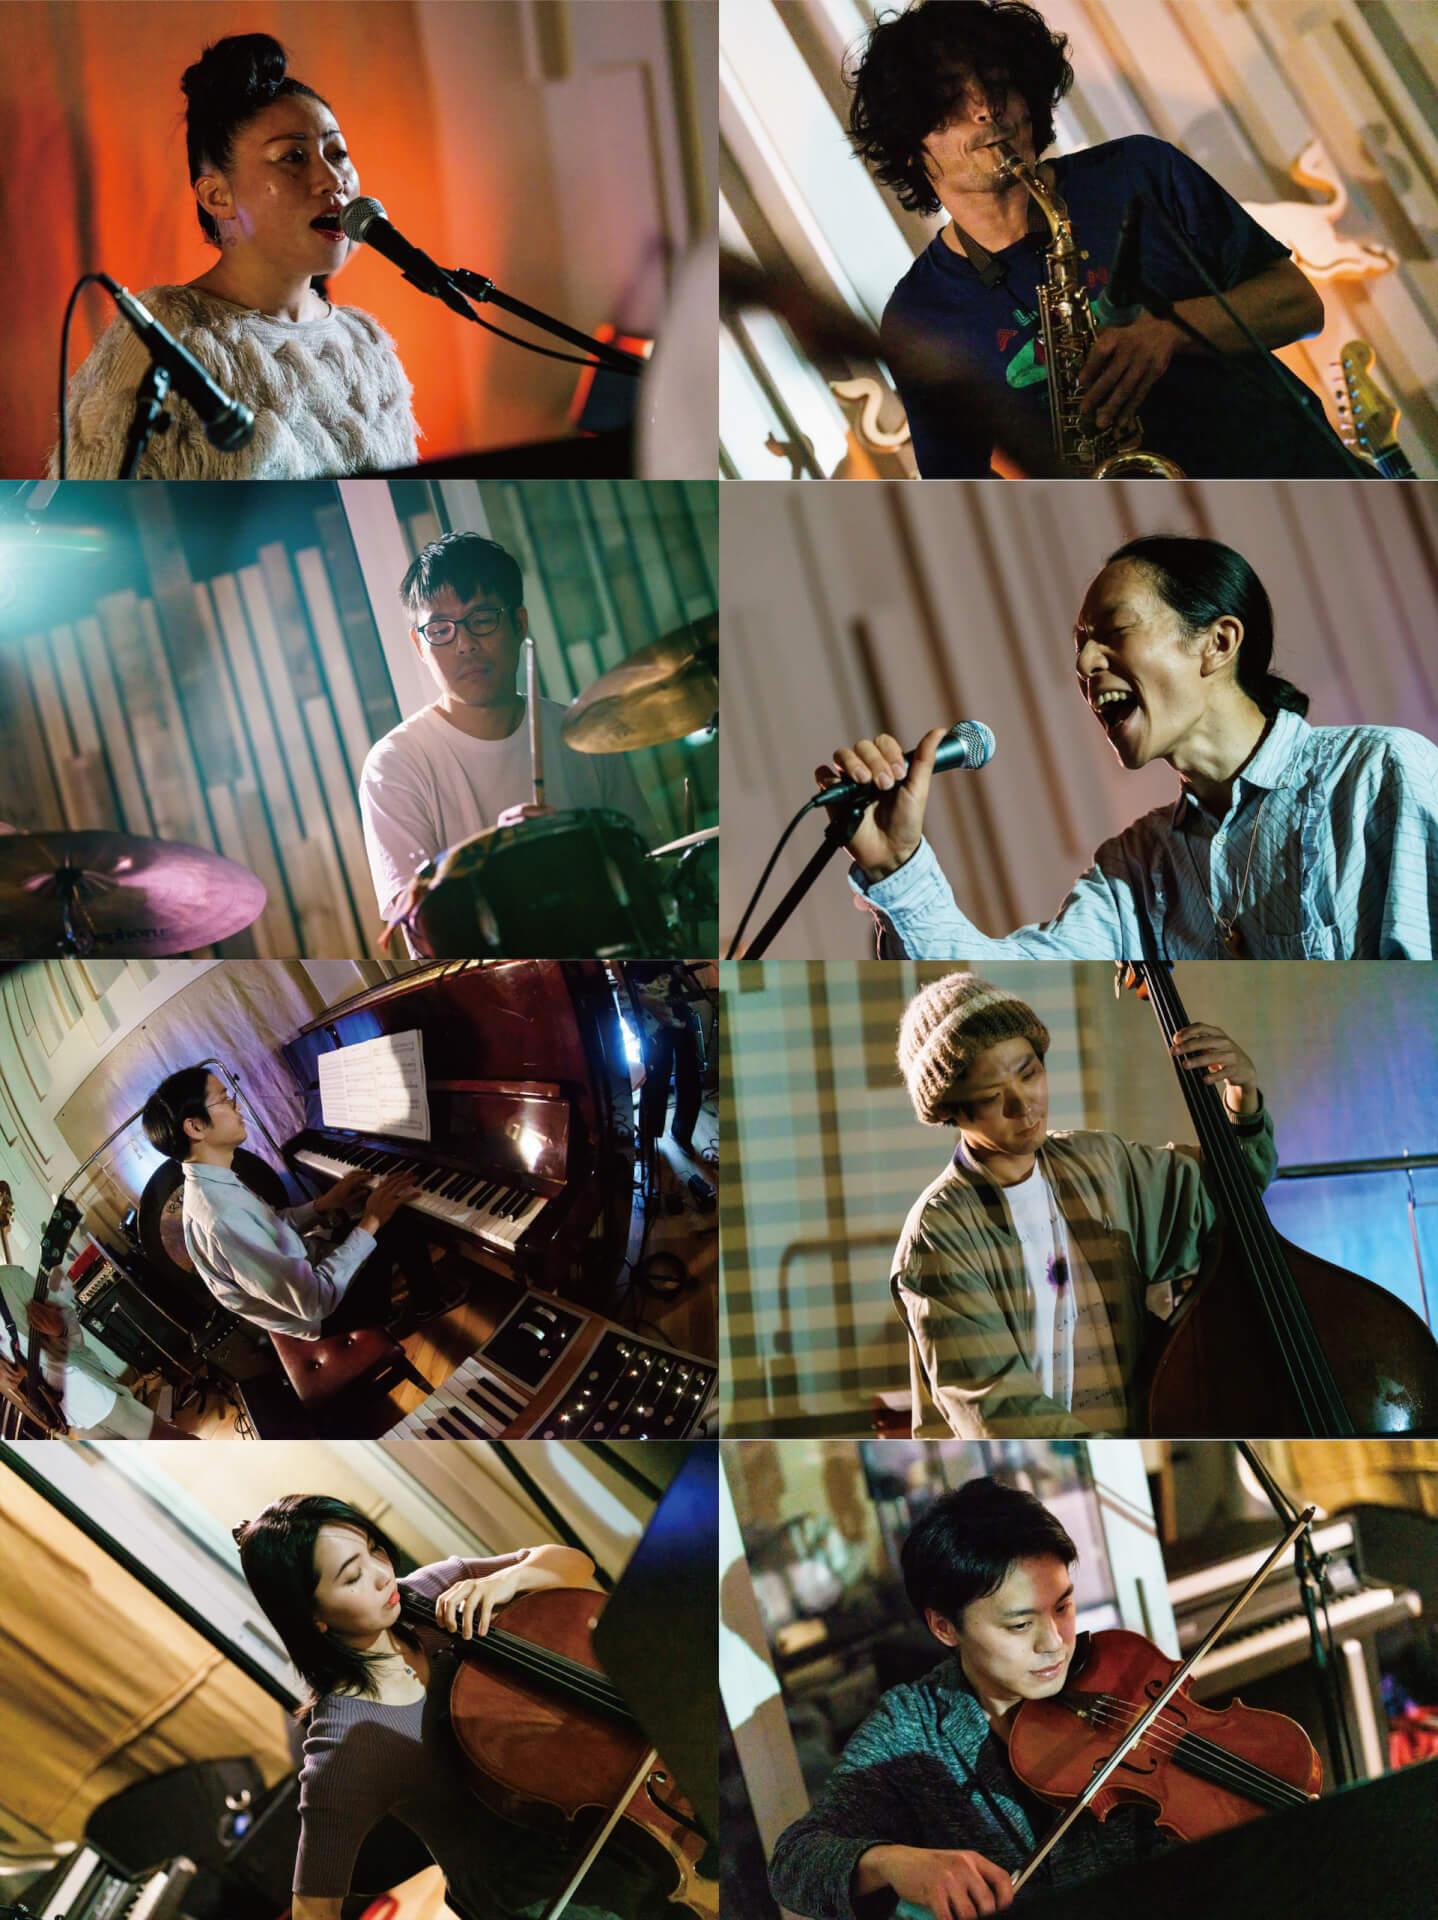 オオルタイチ20周年ライブ<Hotokeno>開催決定|水カン提供曲セルフカバー収録の同名アルバムもリリース music200109_oorutaichi20th_02